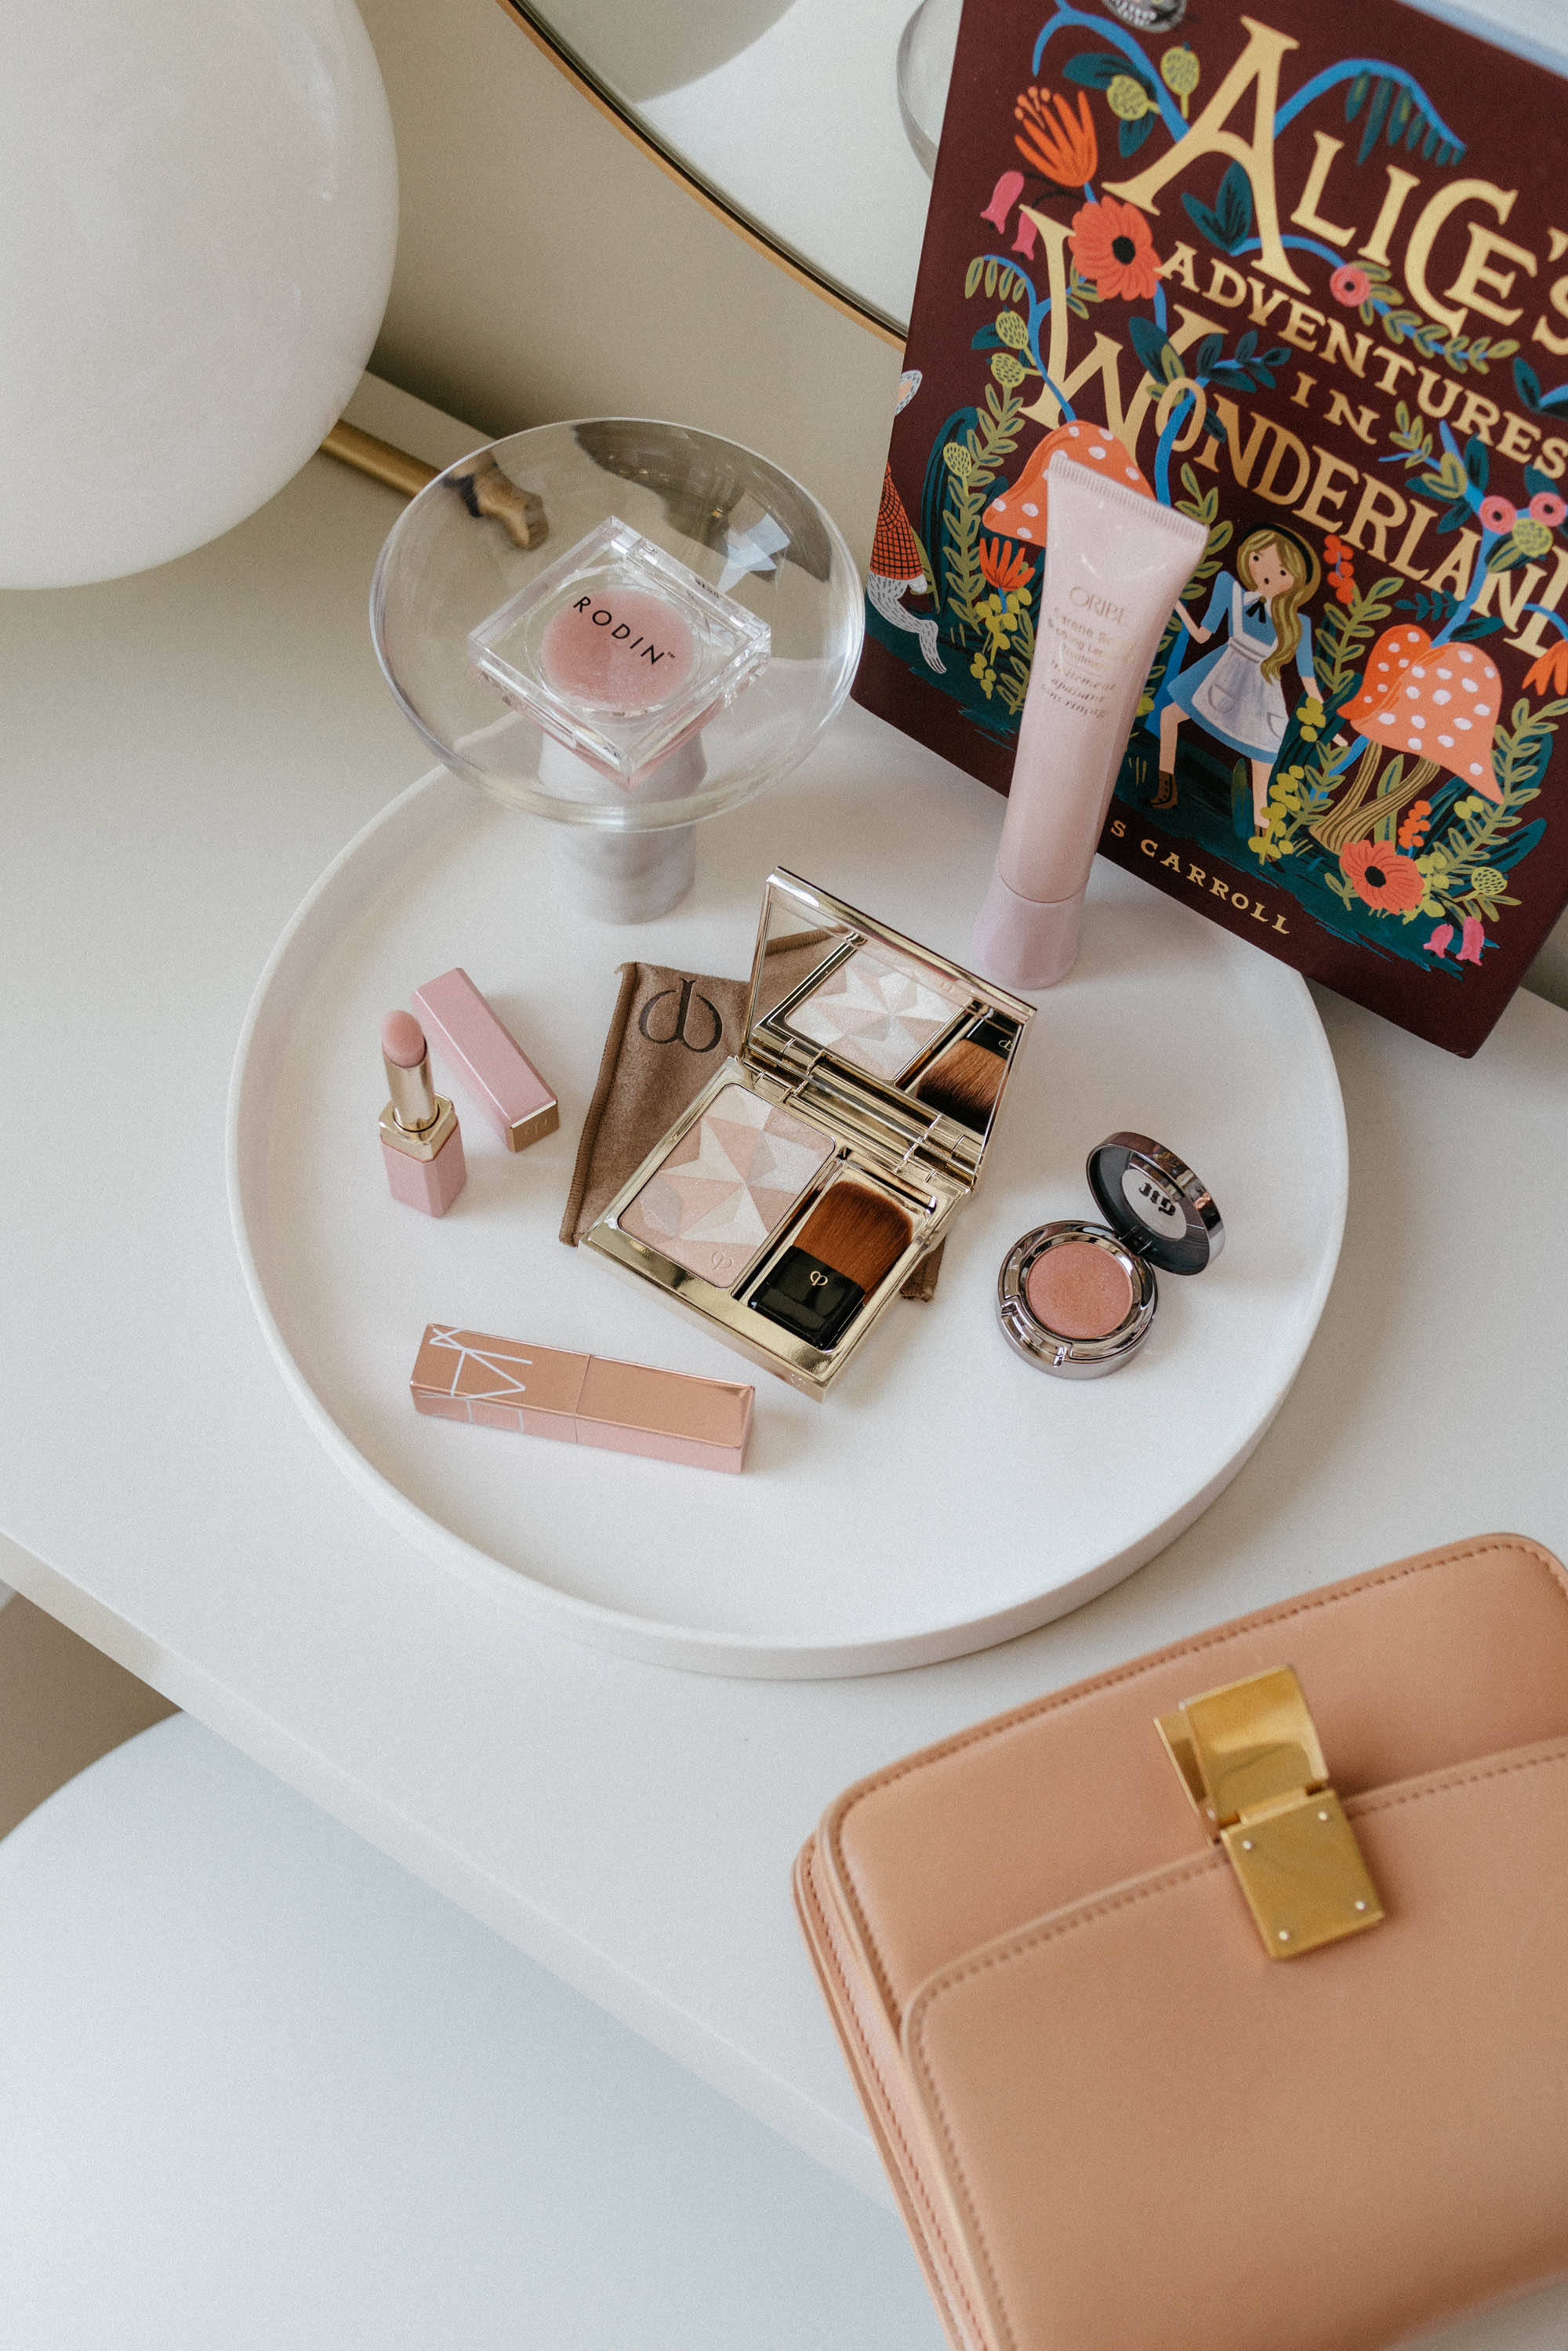 Celine Bag,  Clé de Peau Beauté Face Enhancer ,  Clé de Peau Beauté Lip Glorifier ,  NARS Lip Balm ,  RODIN Lip Balm ,  Oribe Scalp Treatment